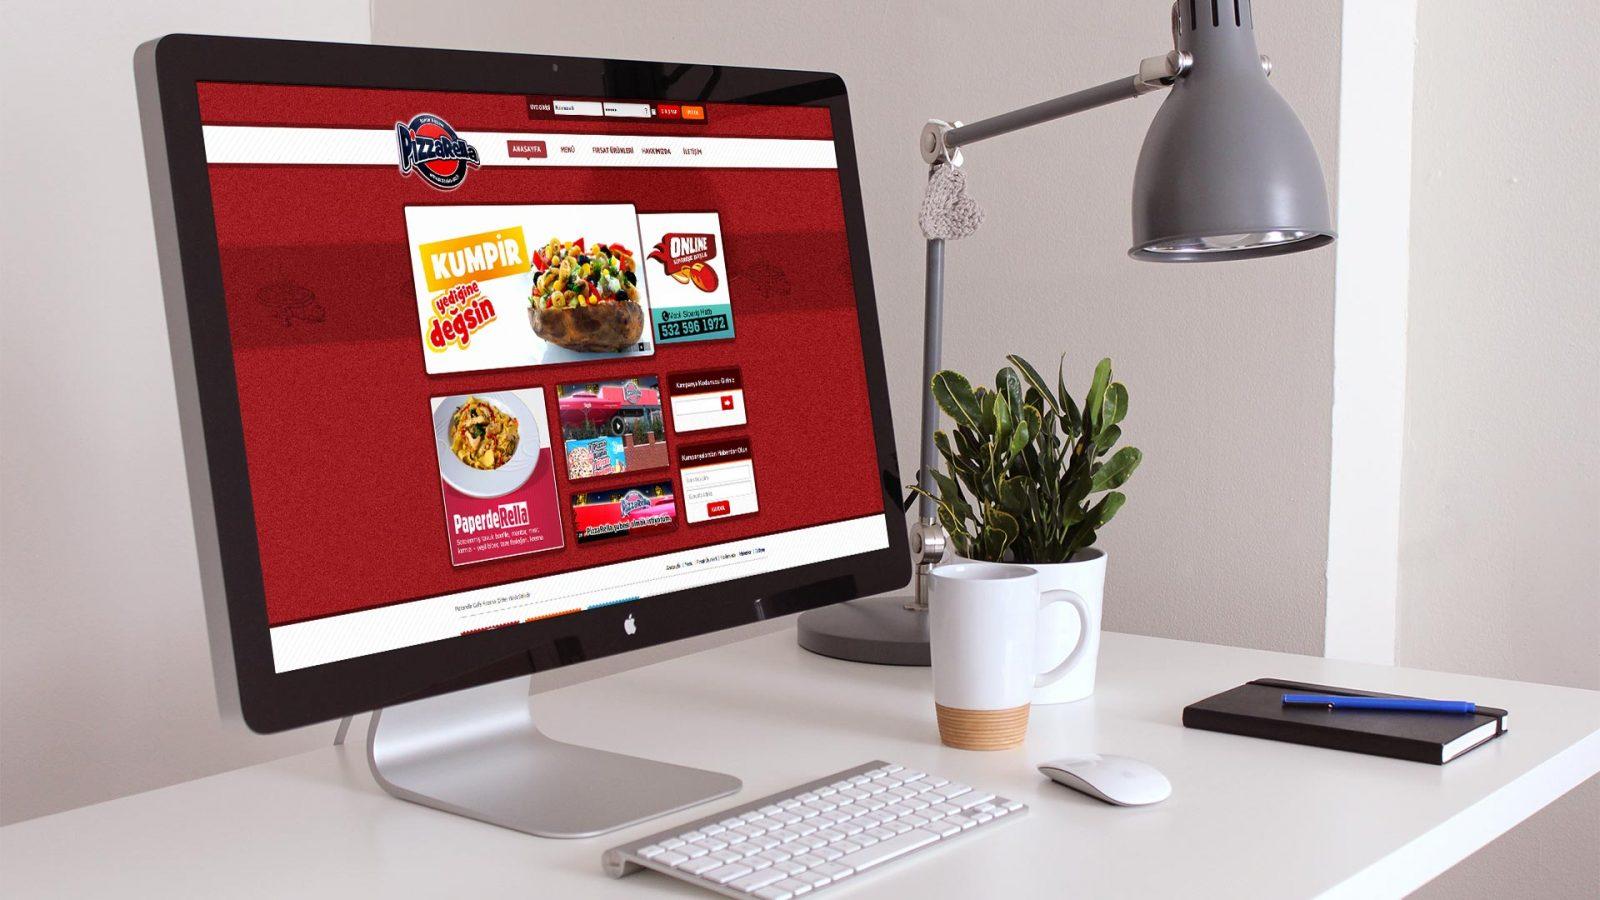 pizzarella web sitesi tasarımı 03